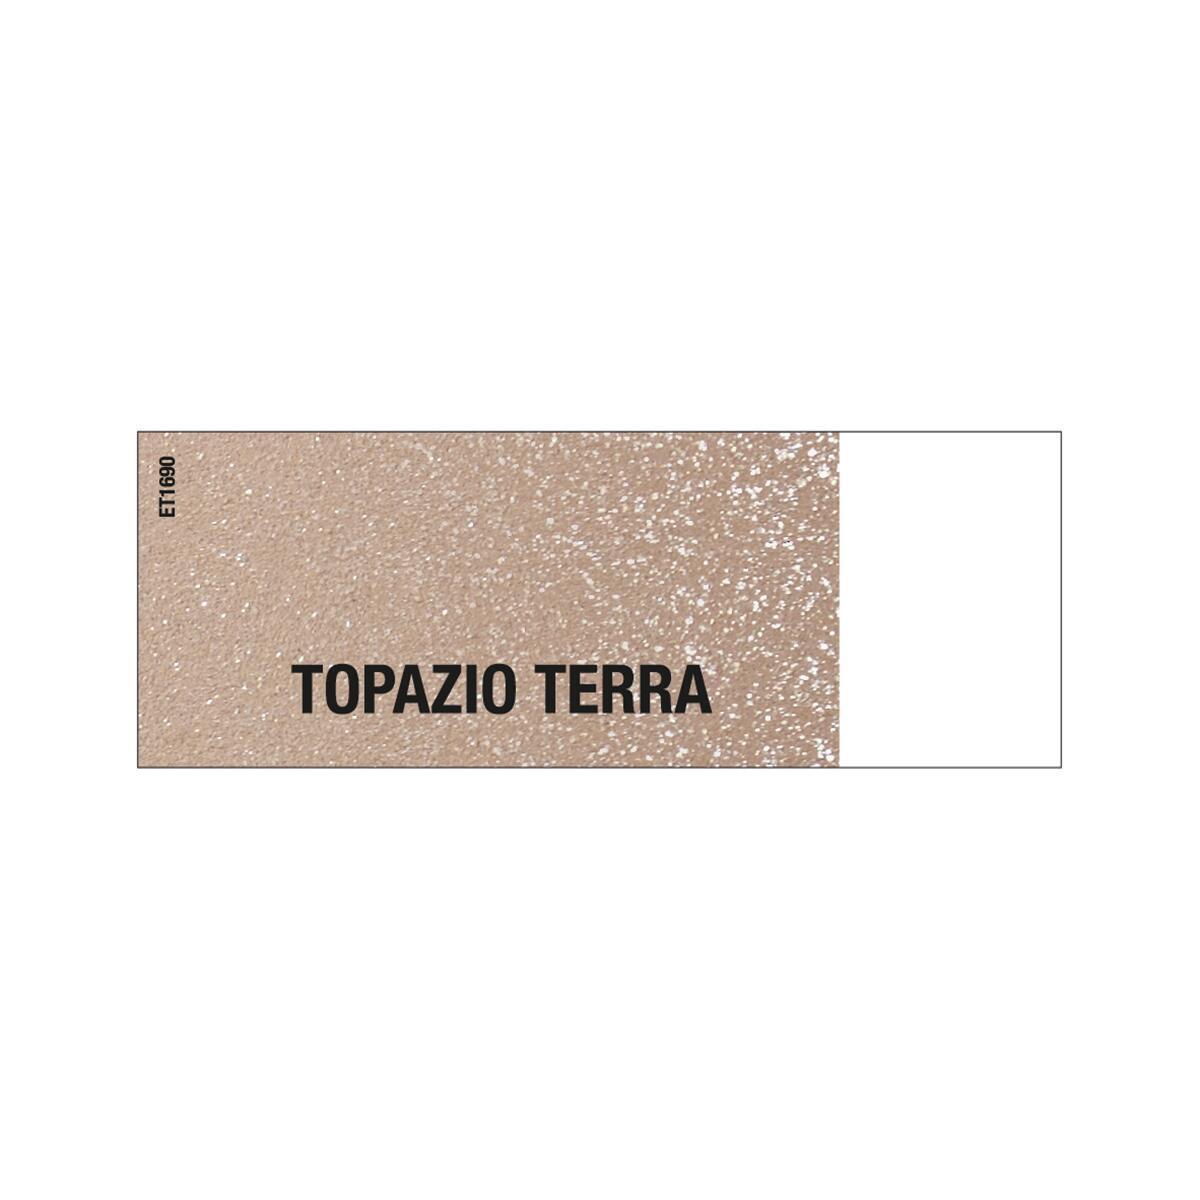 Pittura decorativa LUXENS EFFETTO METALLIZZATO ATERMICO 5 l topazio terra effetto metallo - 3